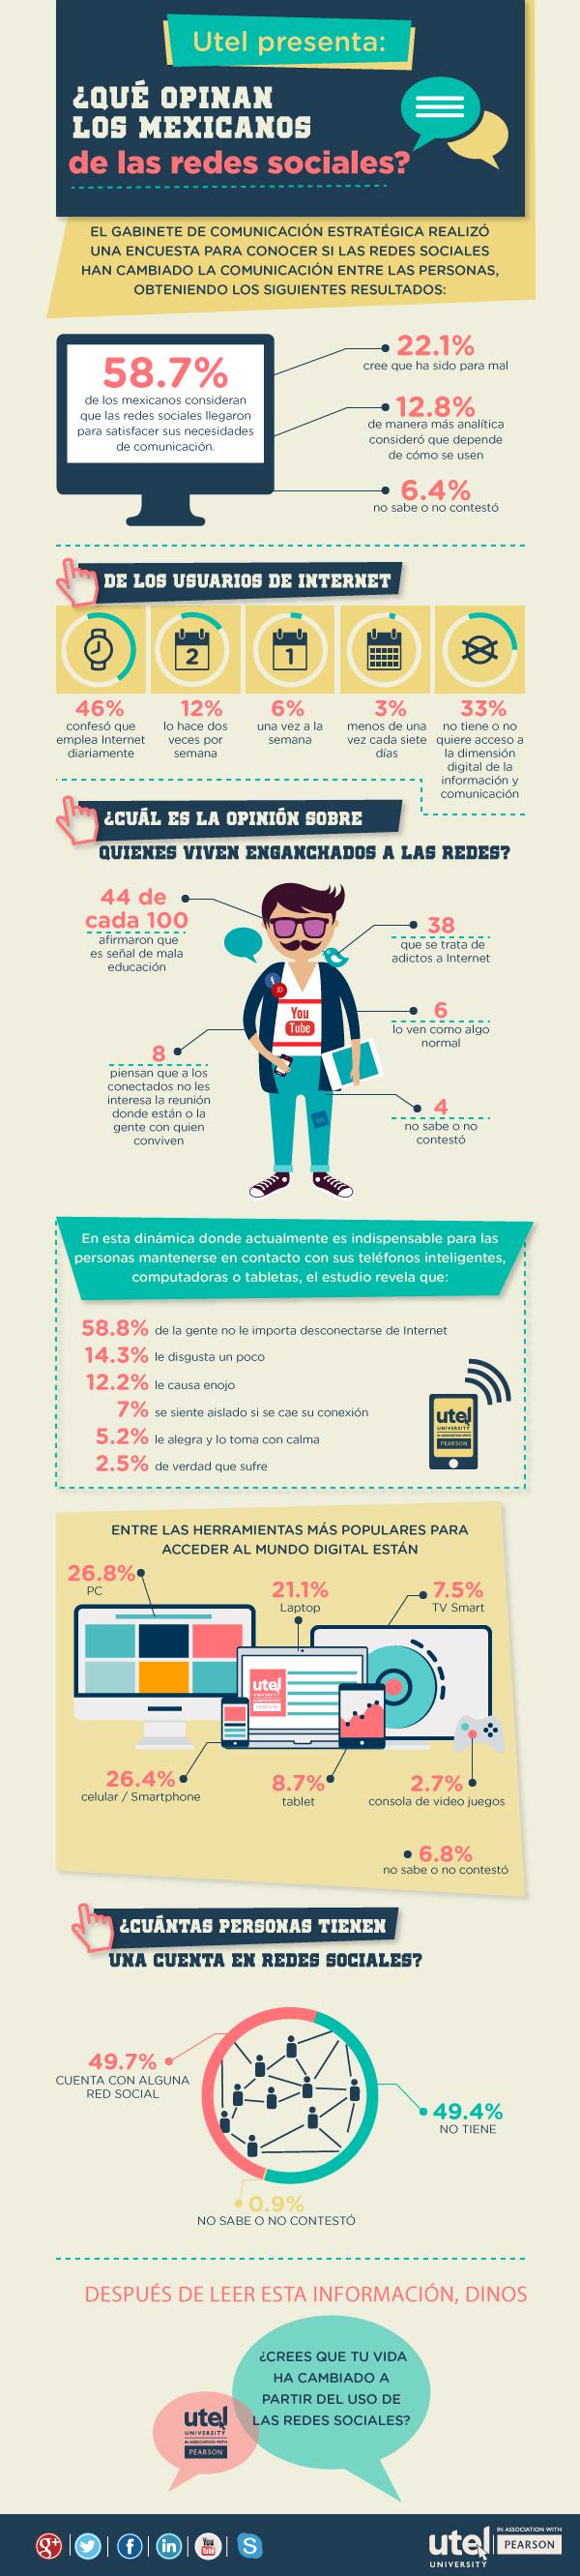 Qué opinan los mexicanos de las Redes Sociales